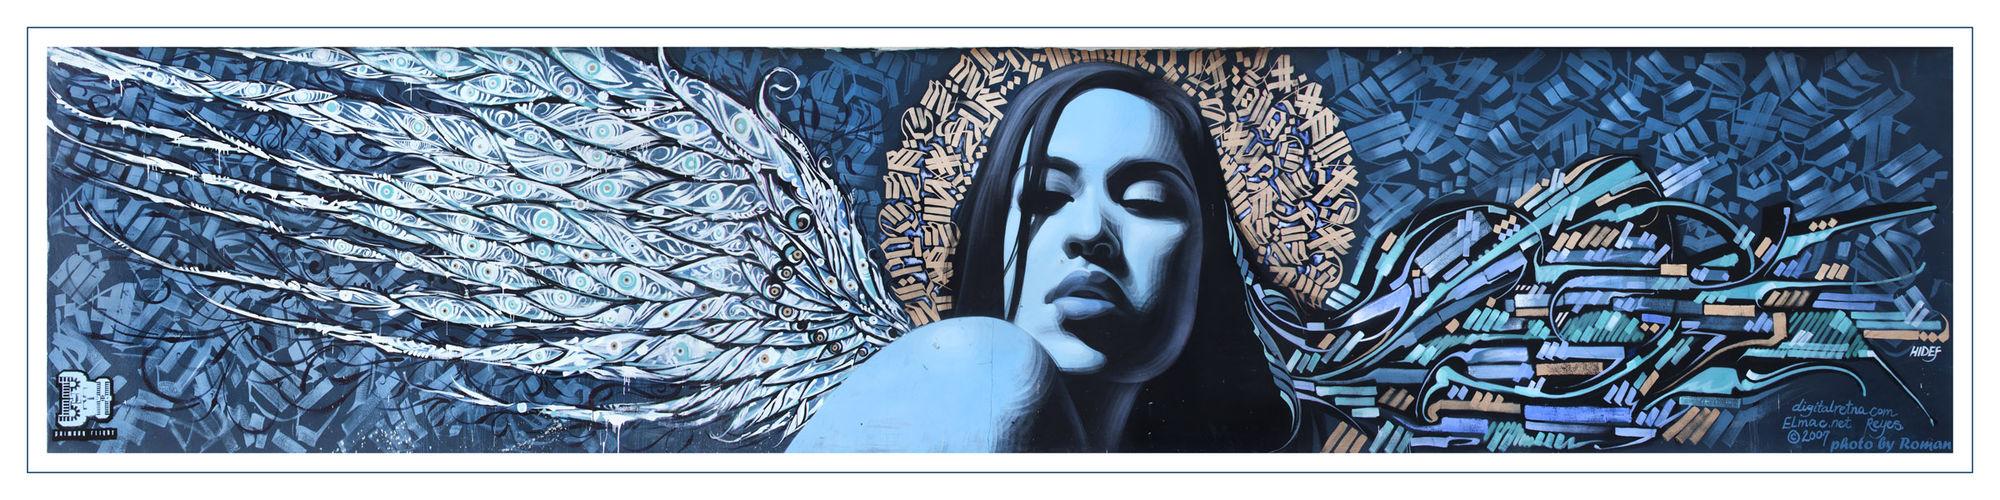 Artwork By El Mac, Retna